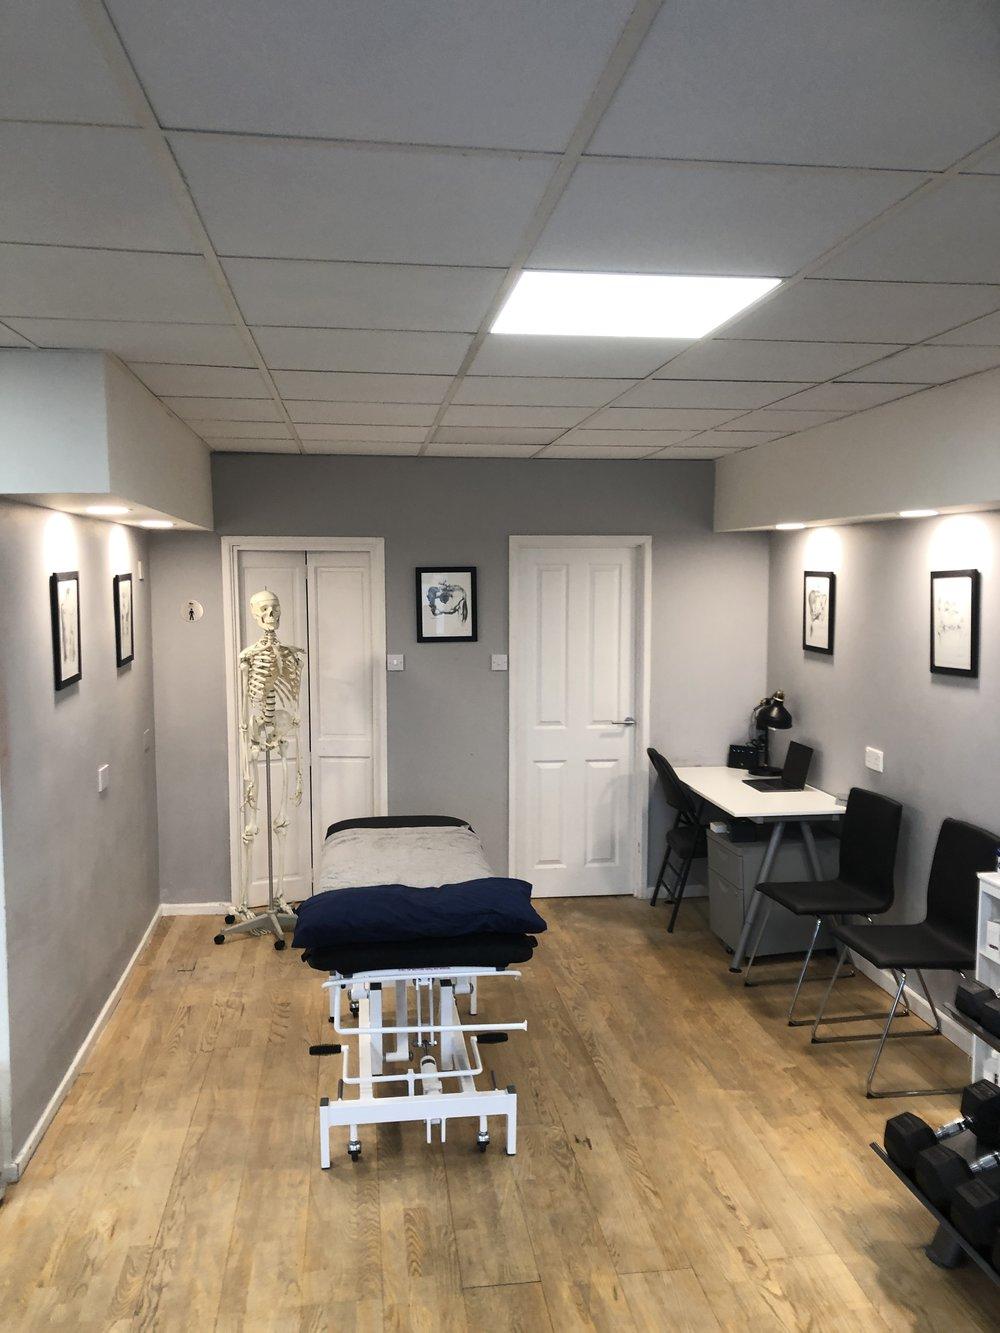 clinic treatment area.JPG